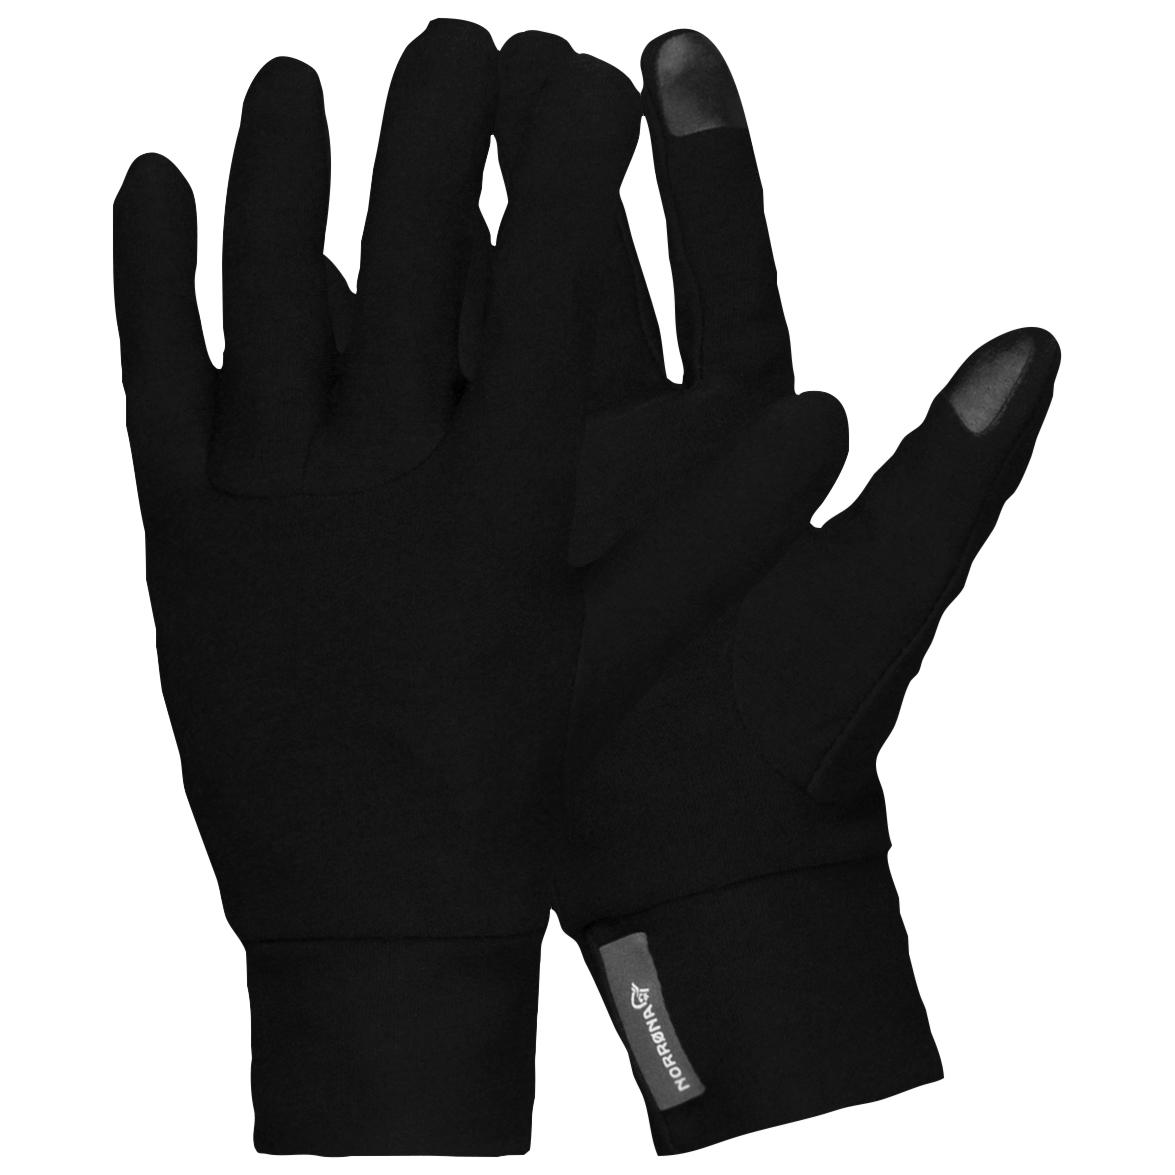 5b1698945a1821 Norrøna /29 Merino Wool Liner Gloves - Handschuhe online kaufen ...